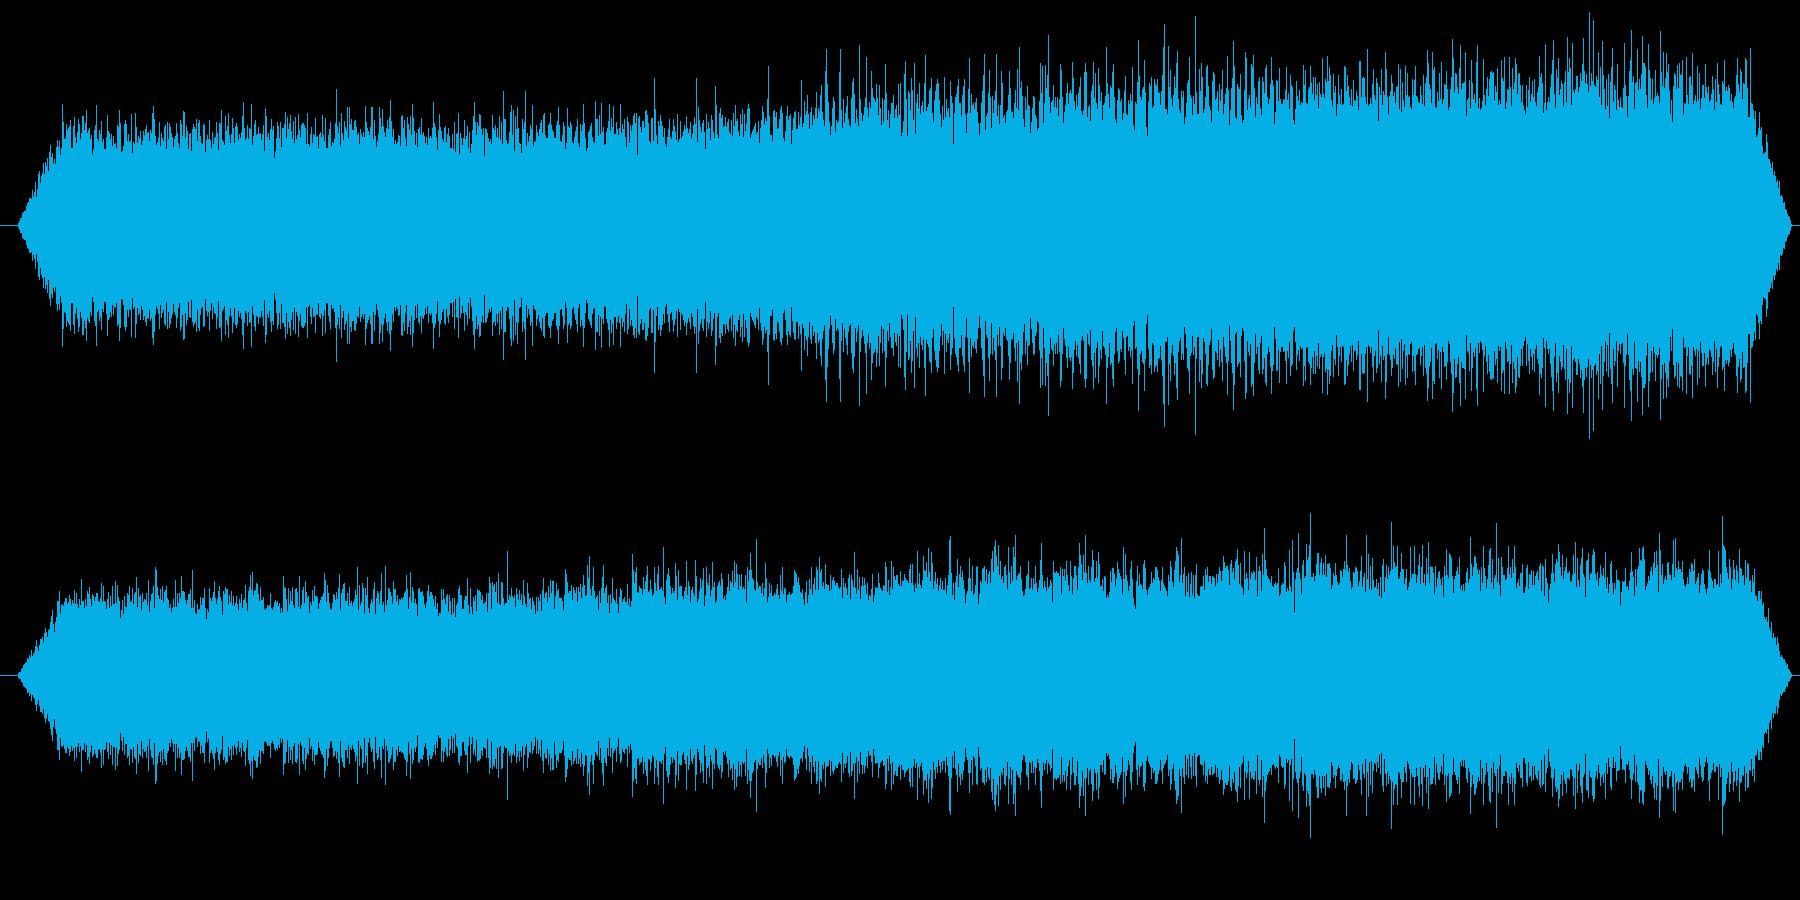 ミンミンゼミとアブラゼミ_01の再生済みの波形